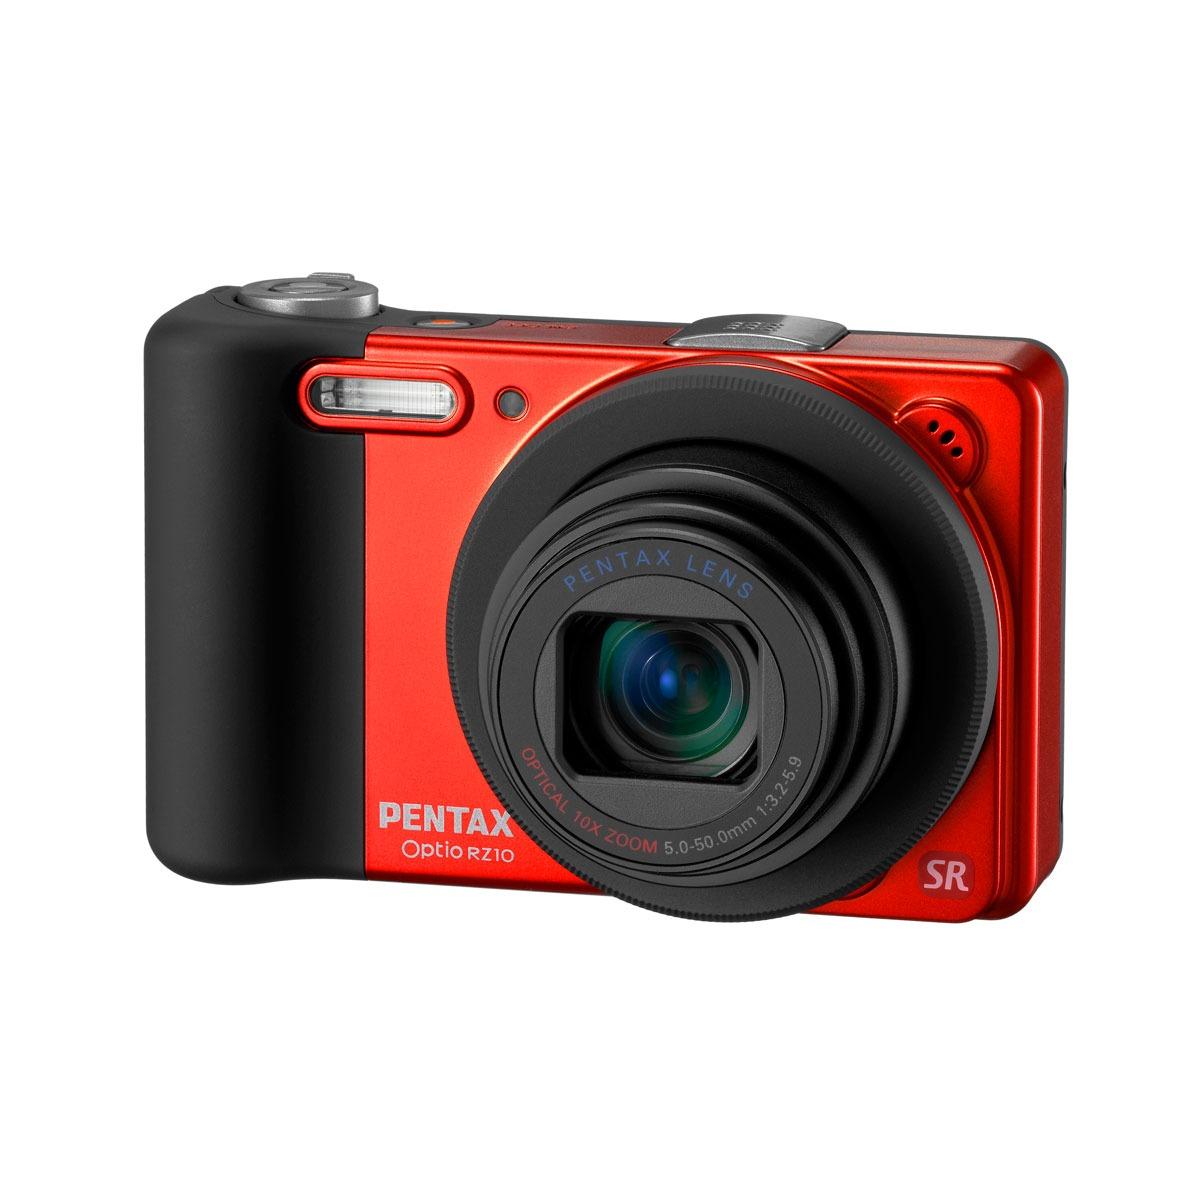 pentax optio rz10 orange appareil photo num rique pentax. Black Bedroom Furniture Sets. Home Design Ideas